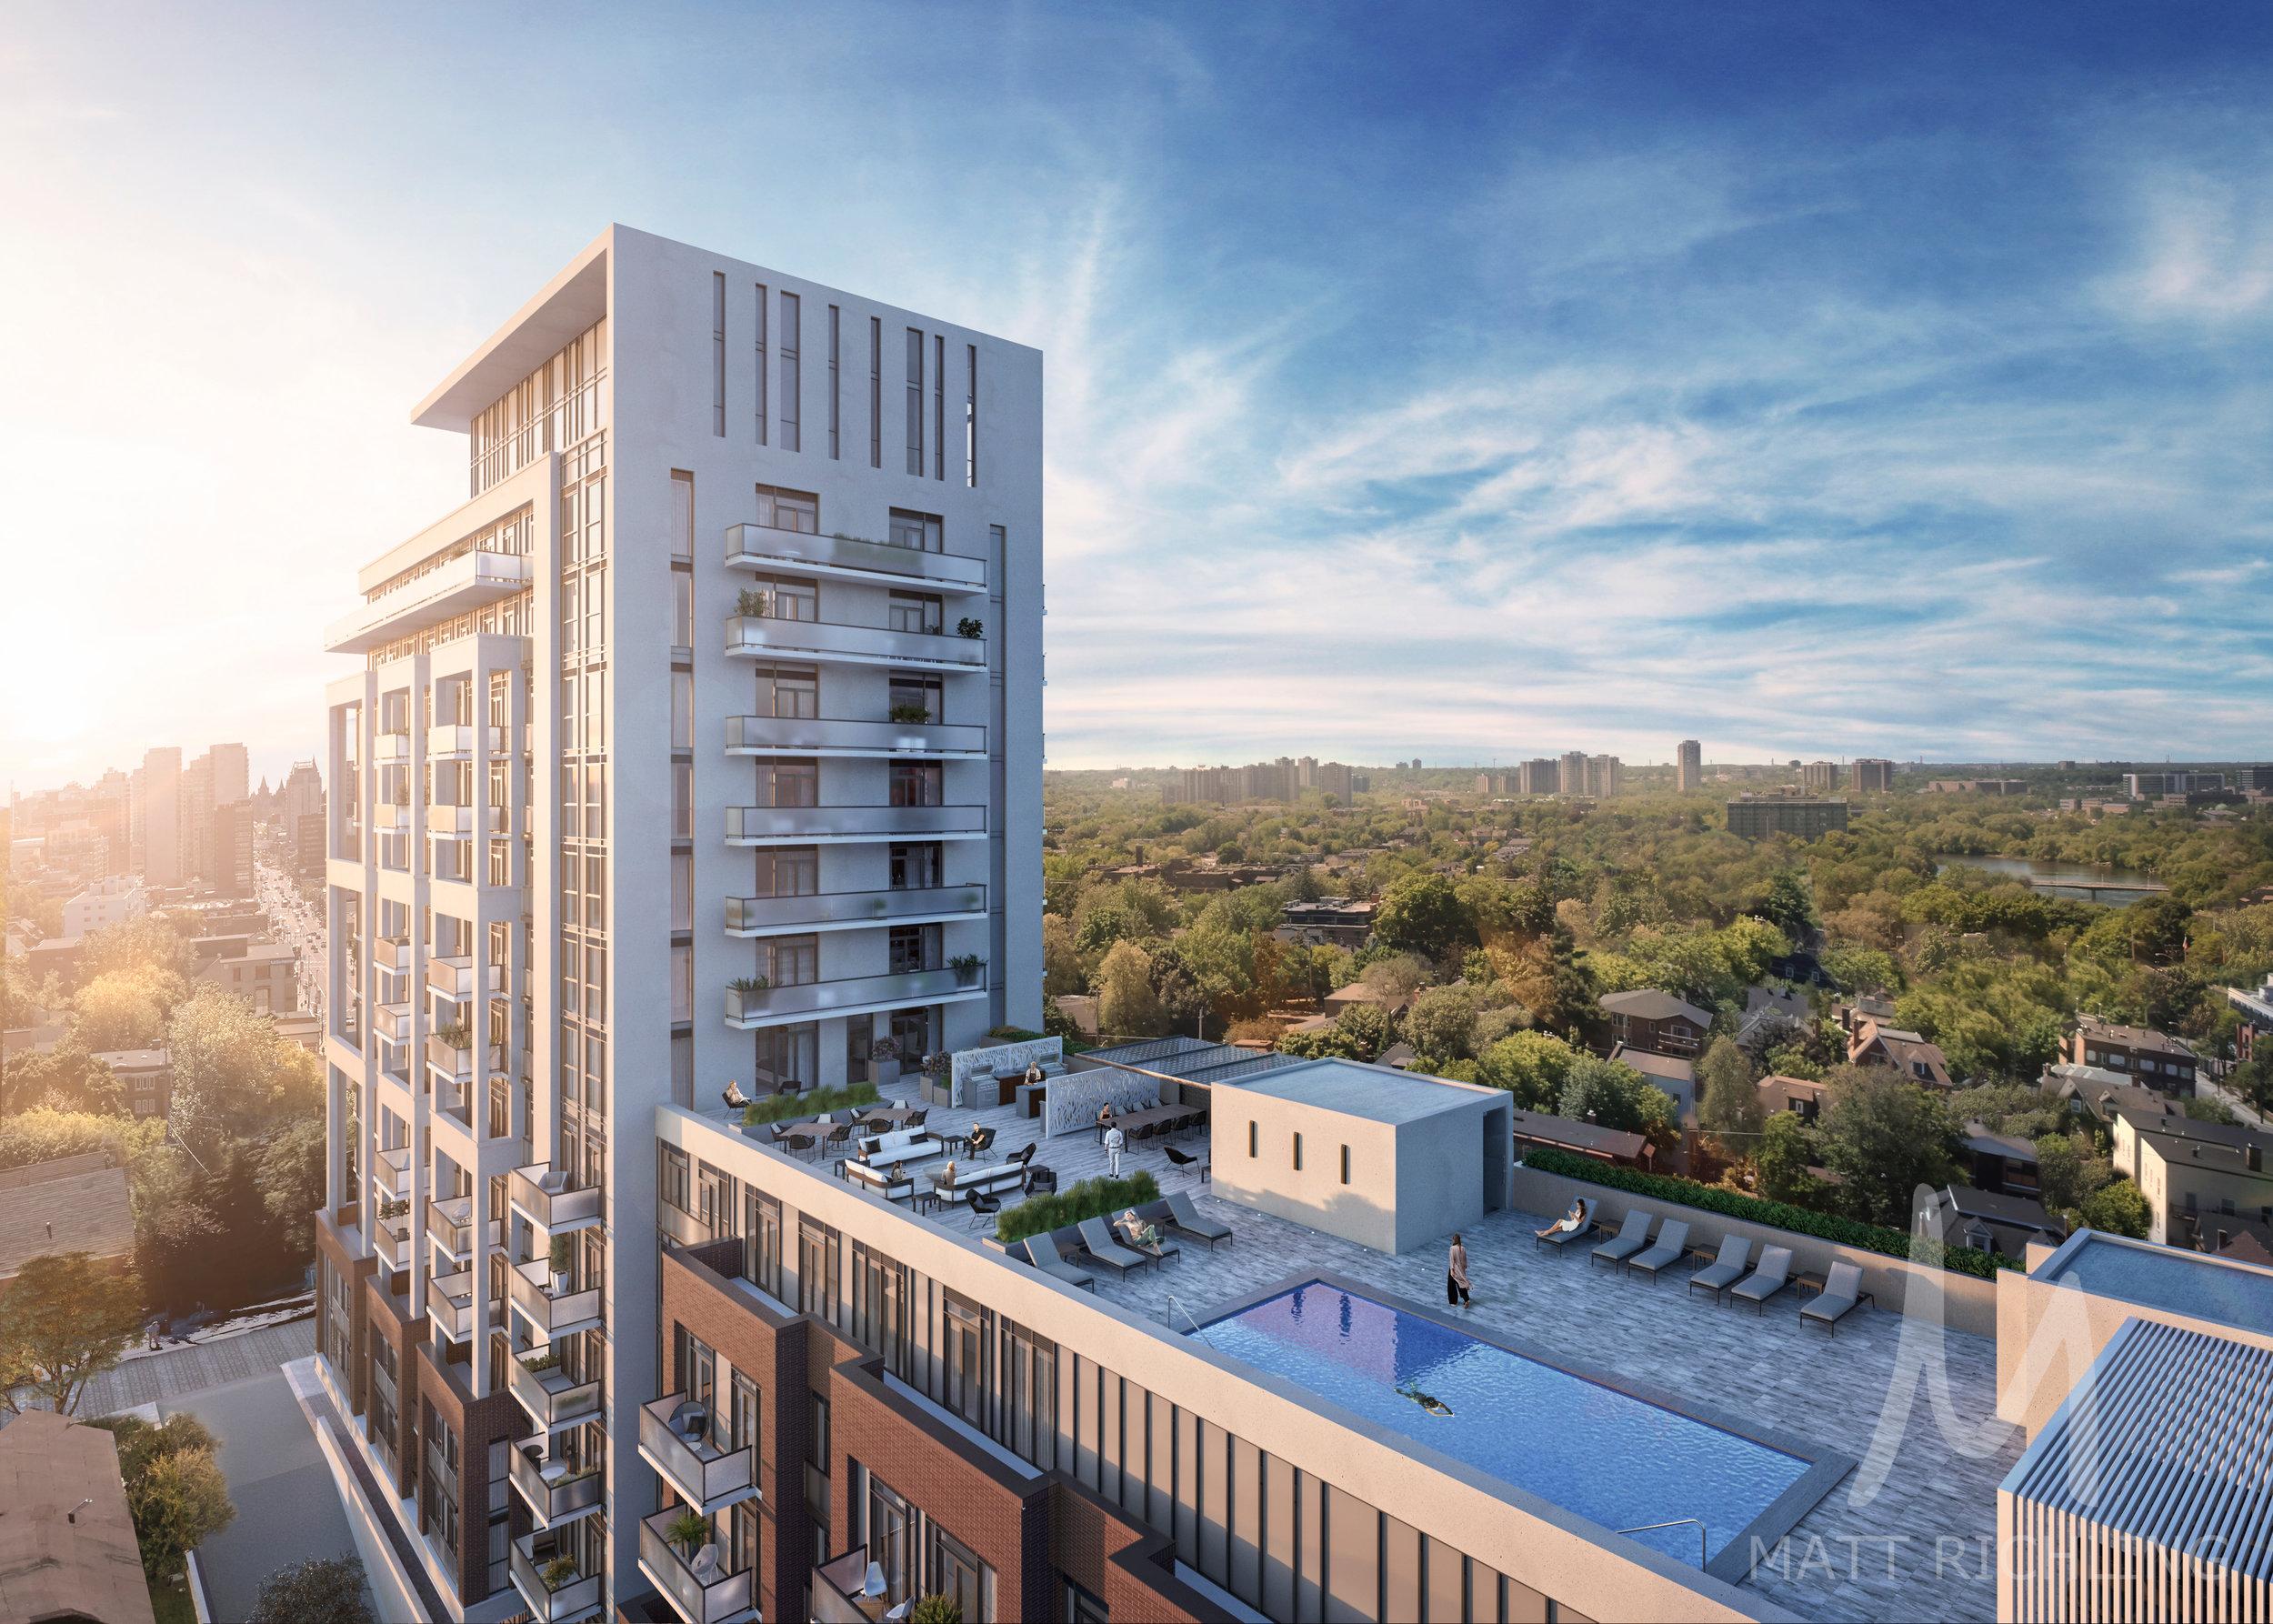 Exterior_Rooftop_Terrace_1_8th_floor.jpg